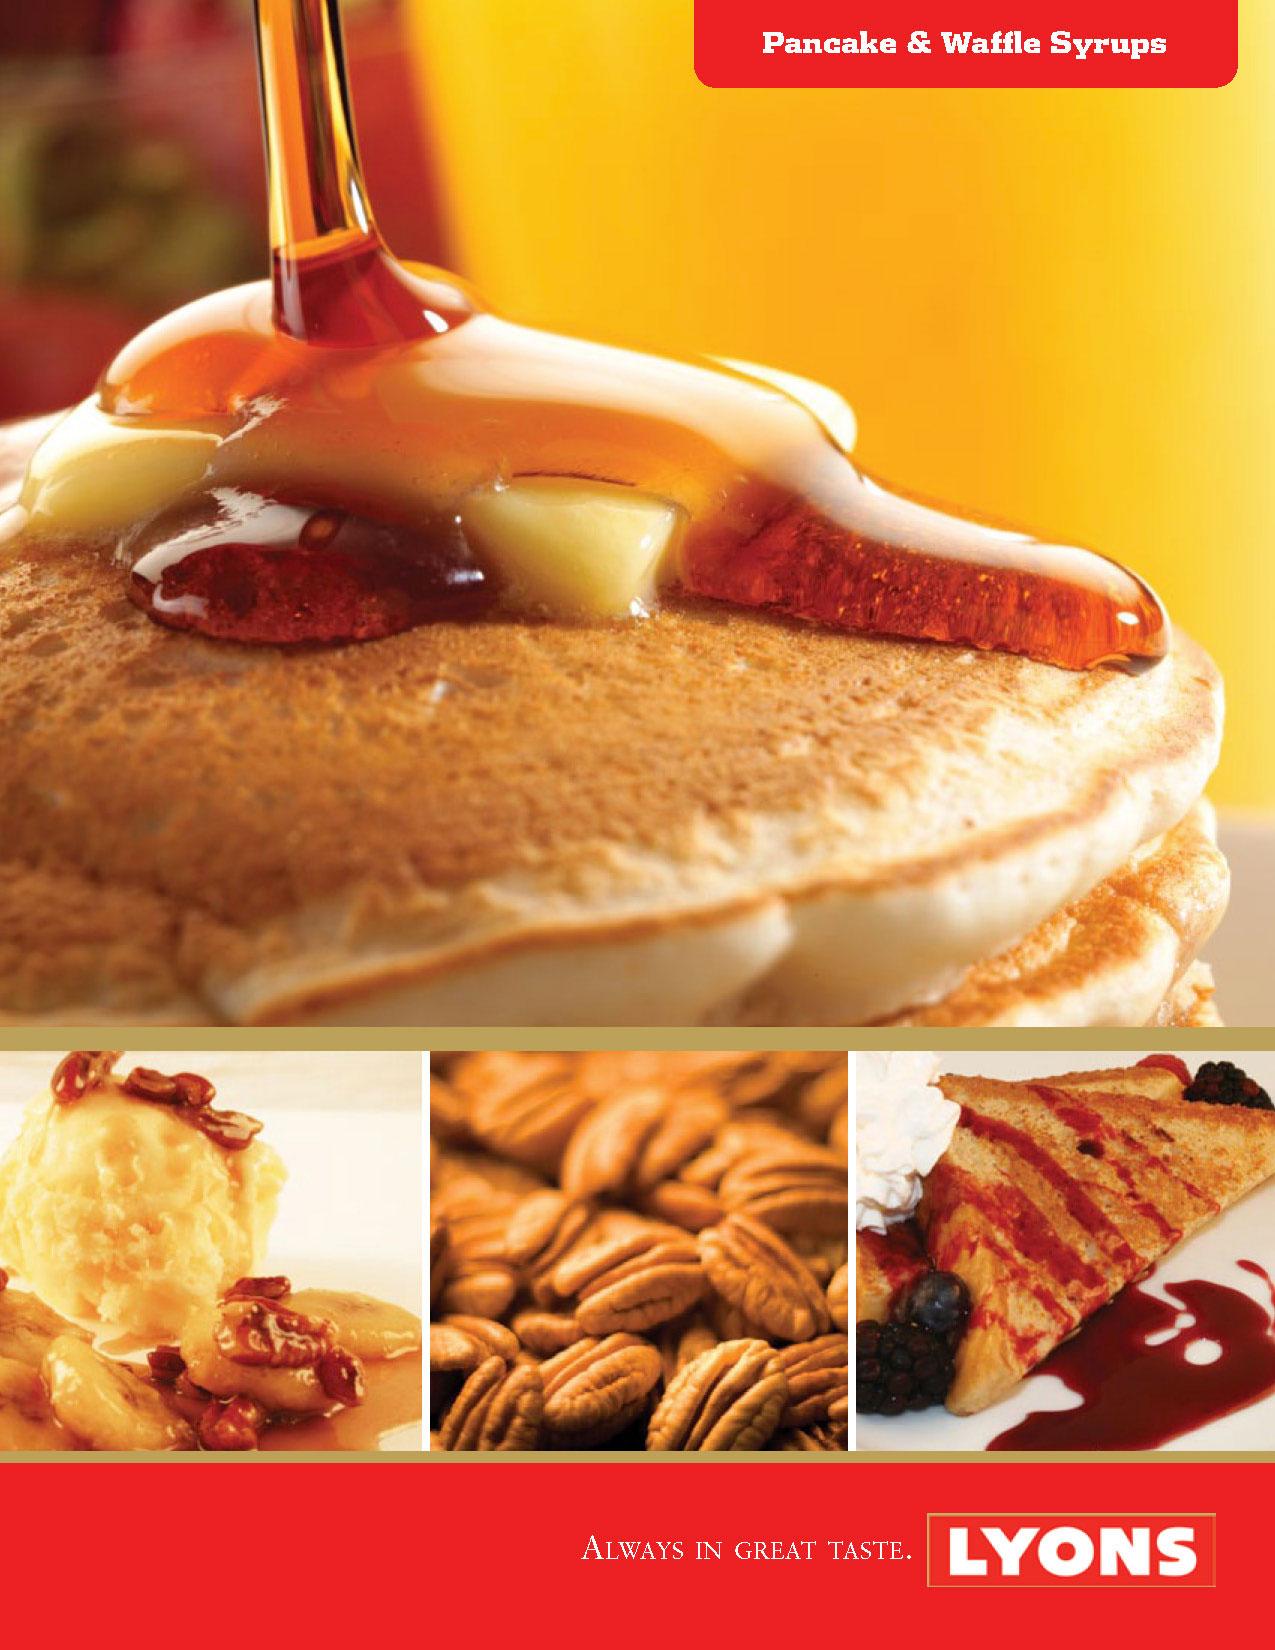 Lyons Pancake & Waffle Syrup